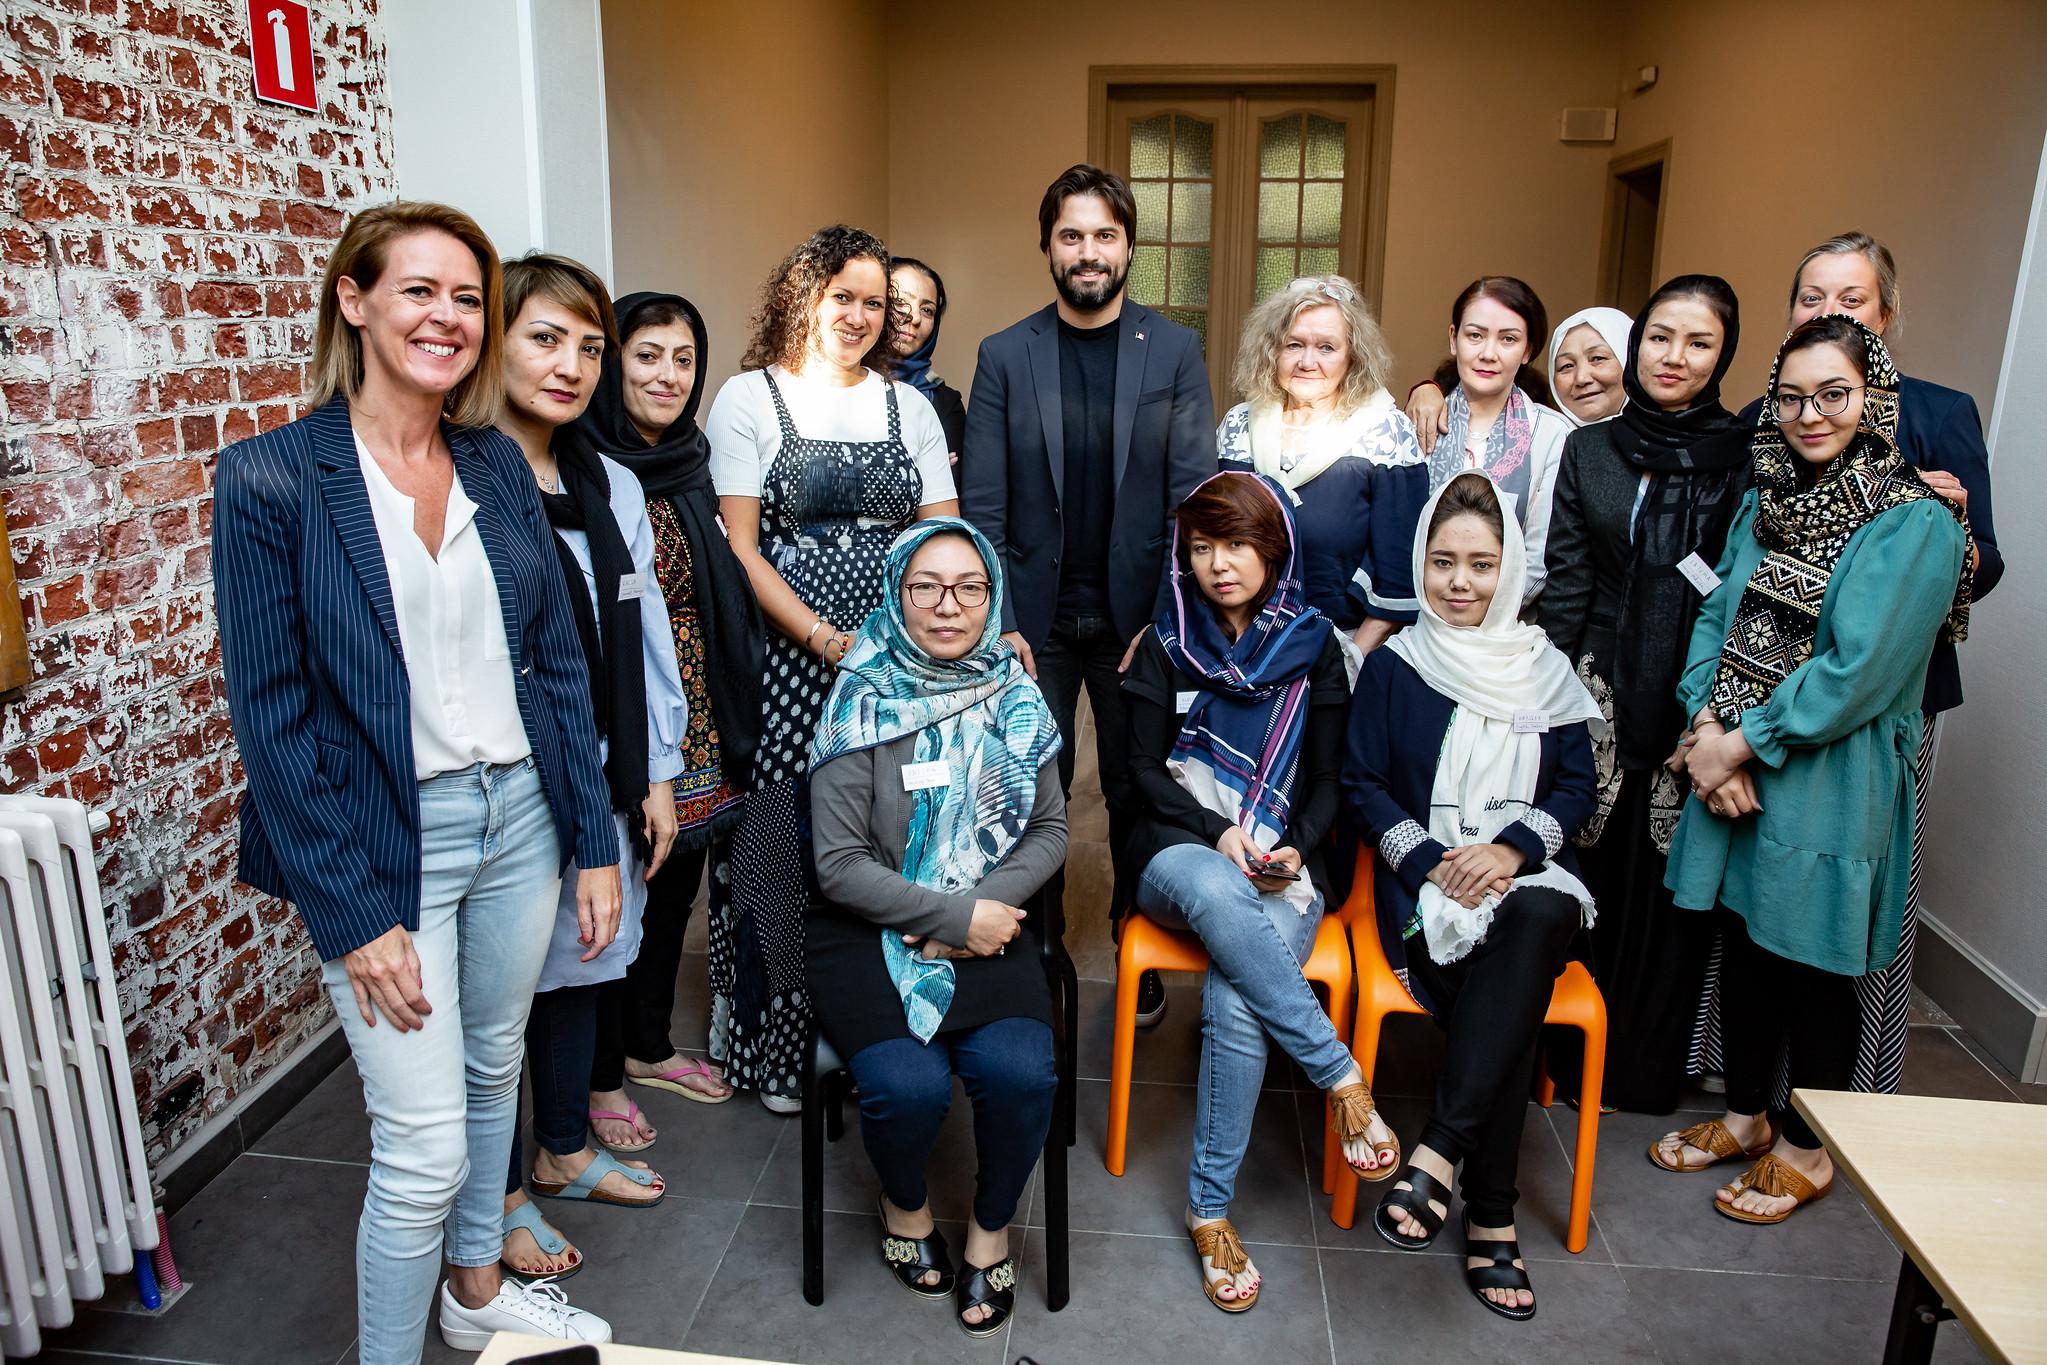 Georges-Louis Bouchez a rencontré des femmes réfugiées afghanes auprès de l'association Mothers for peace